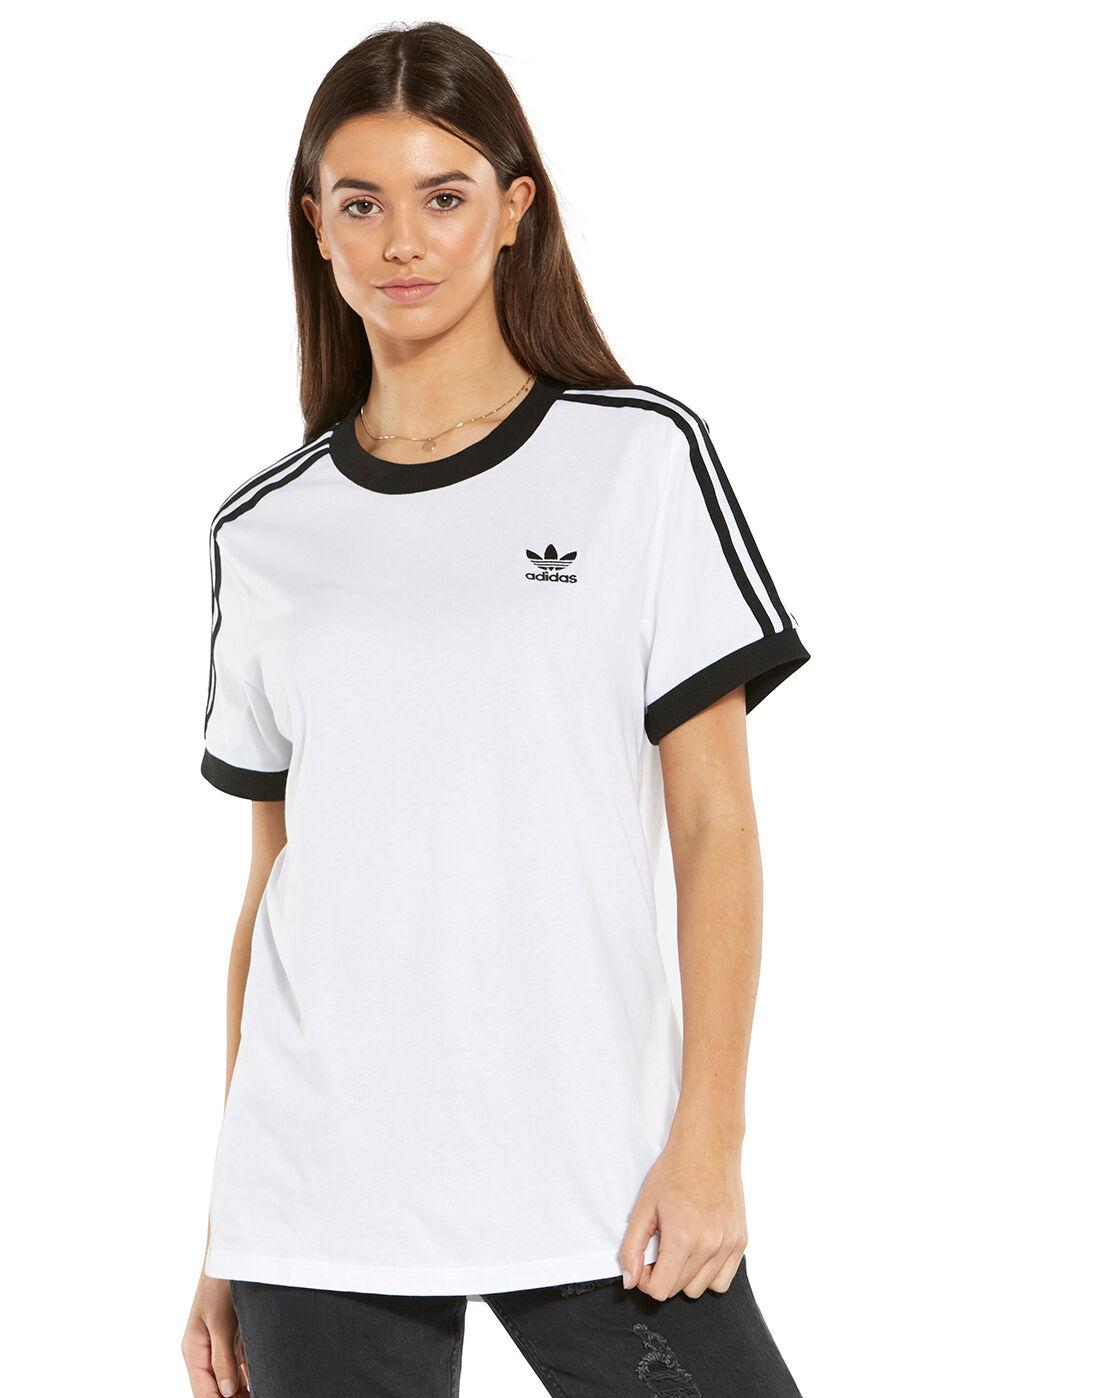 adidas Originals Womens 3 Stripes T Shirt